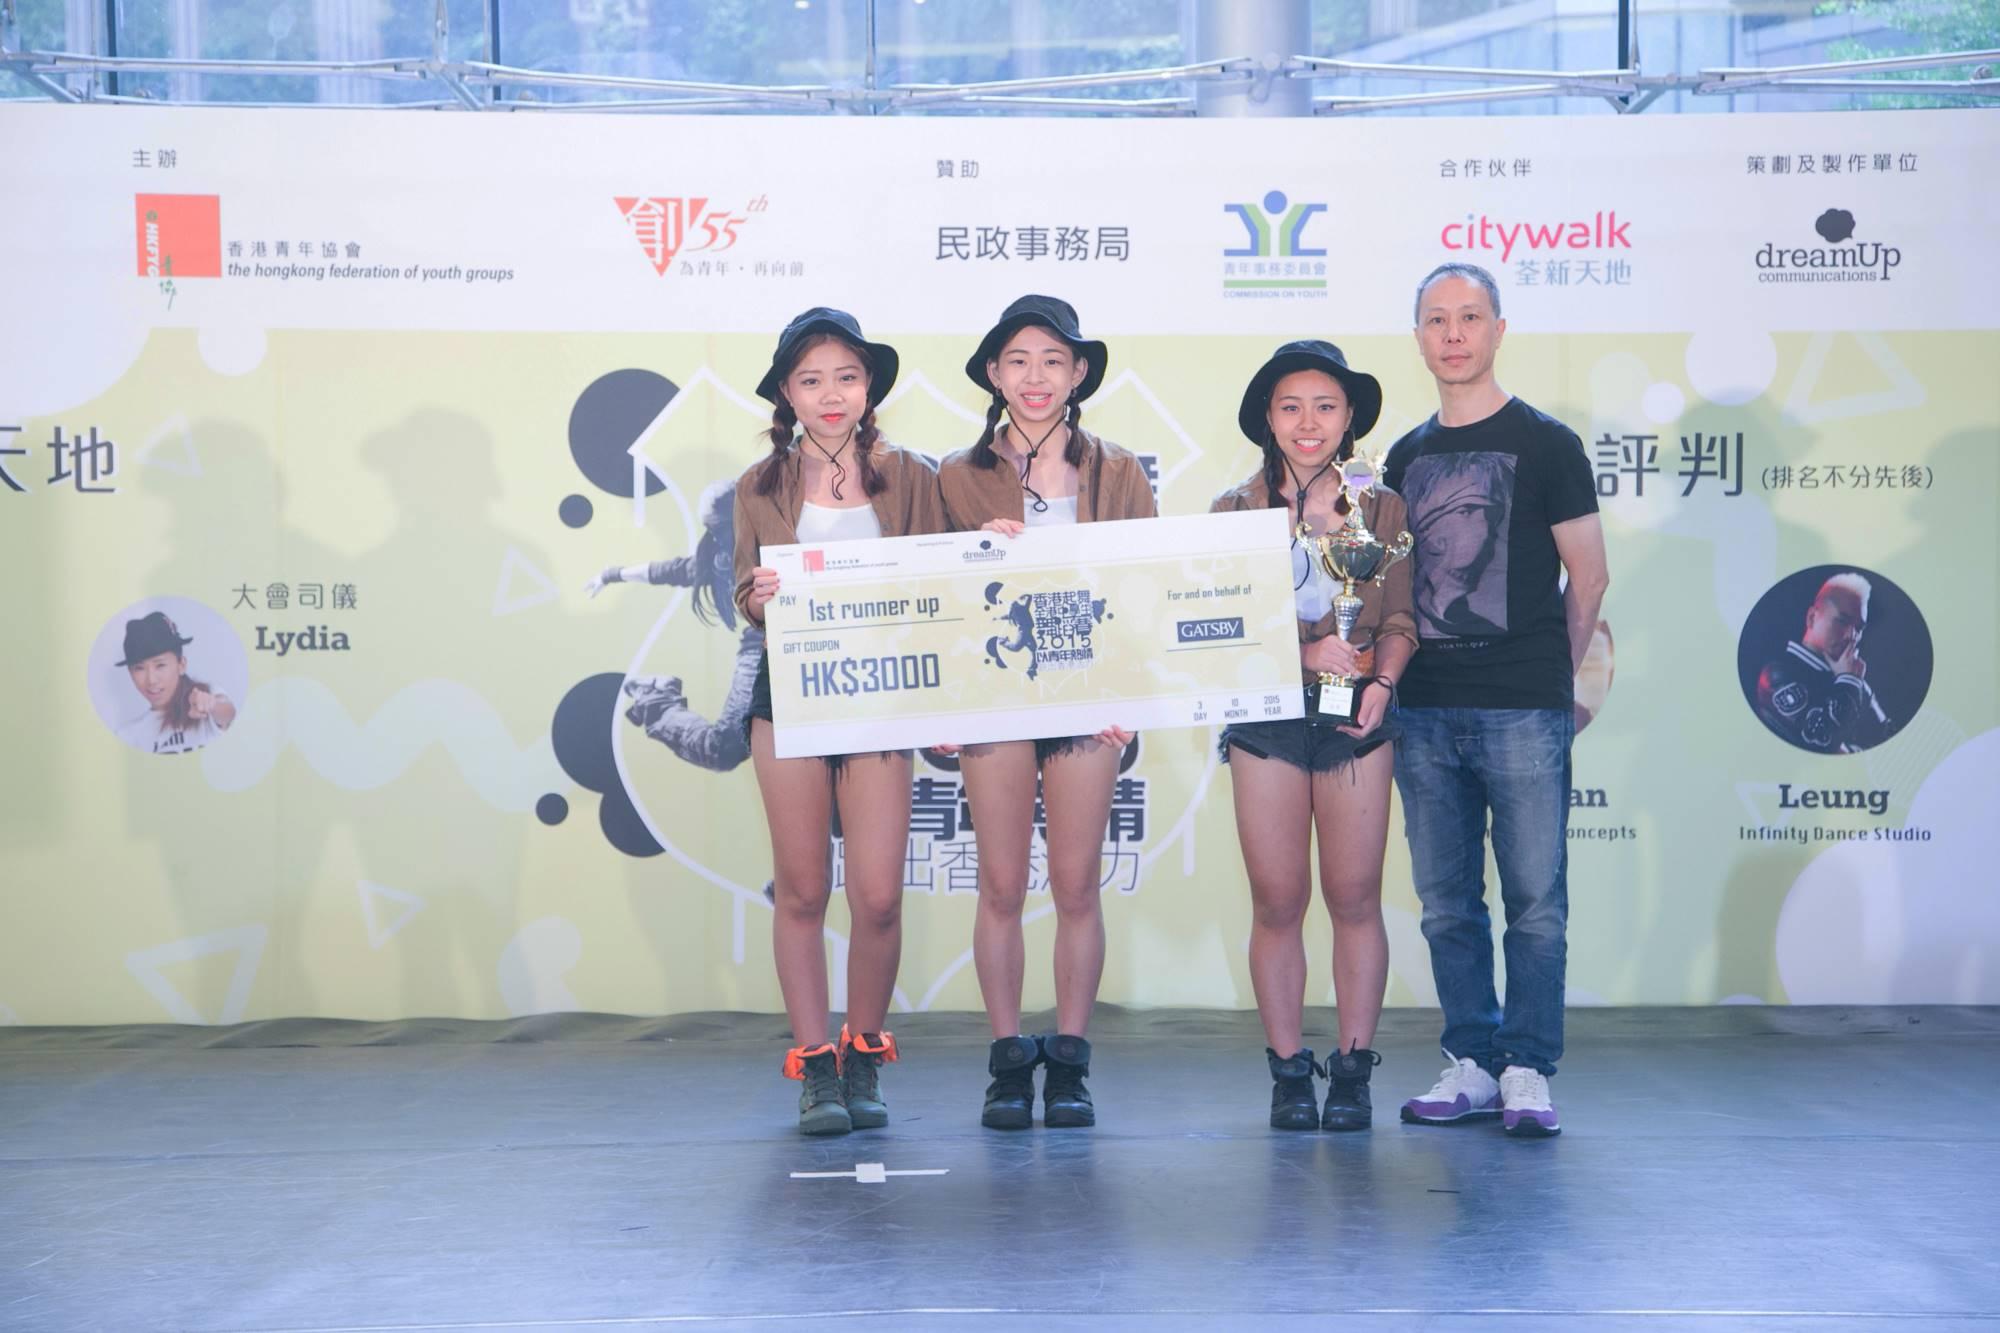 全港中學生舞蹈賽2015得獎隊伍 (4)